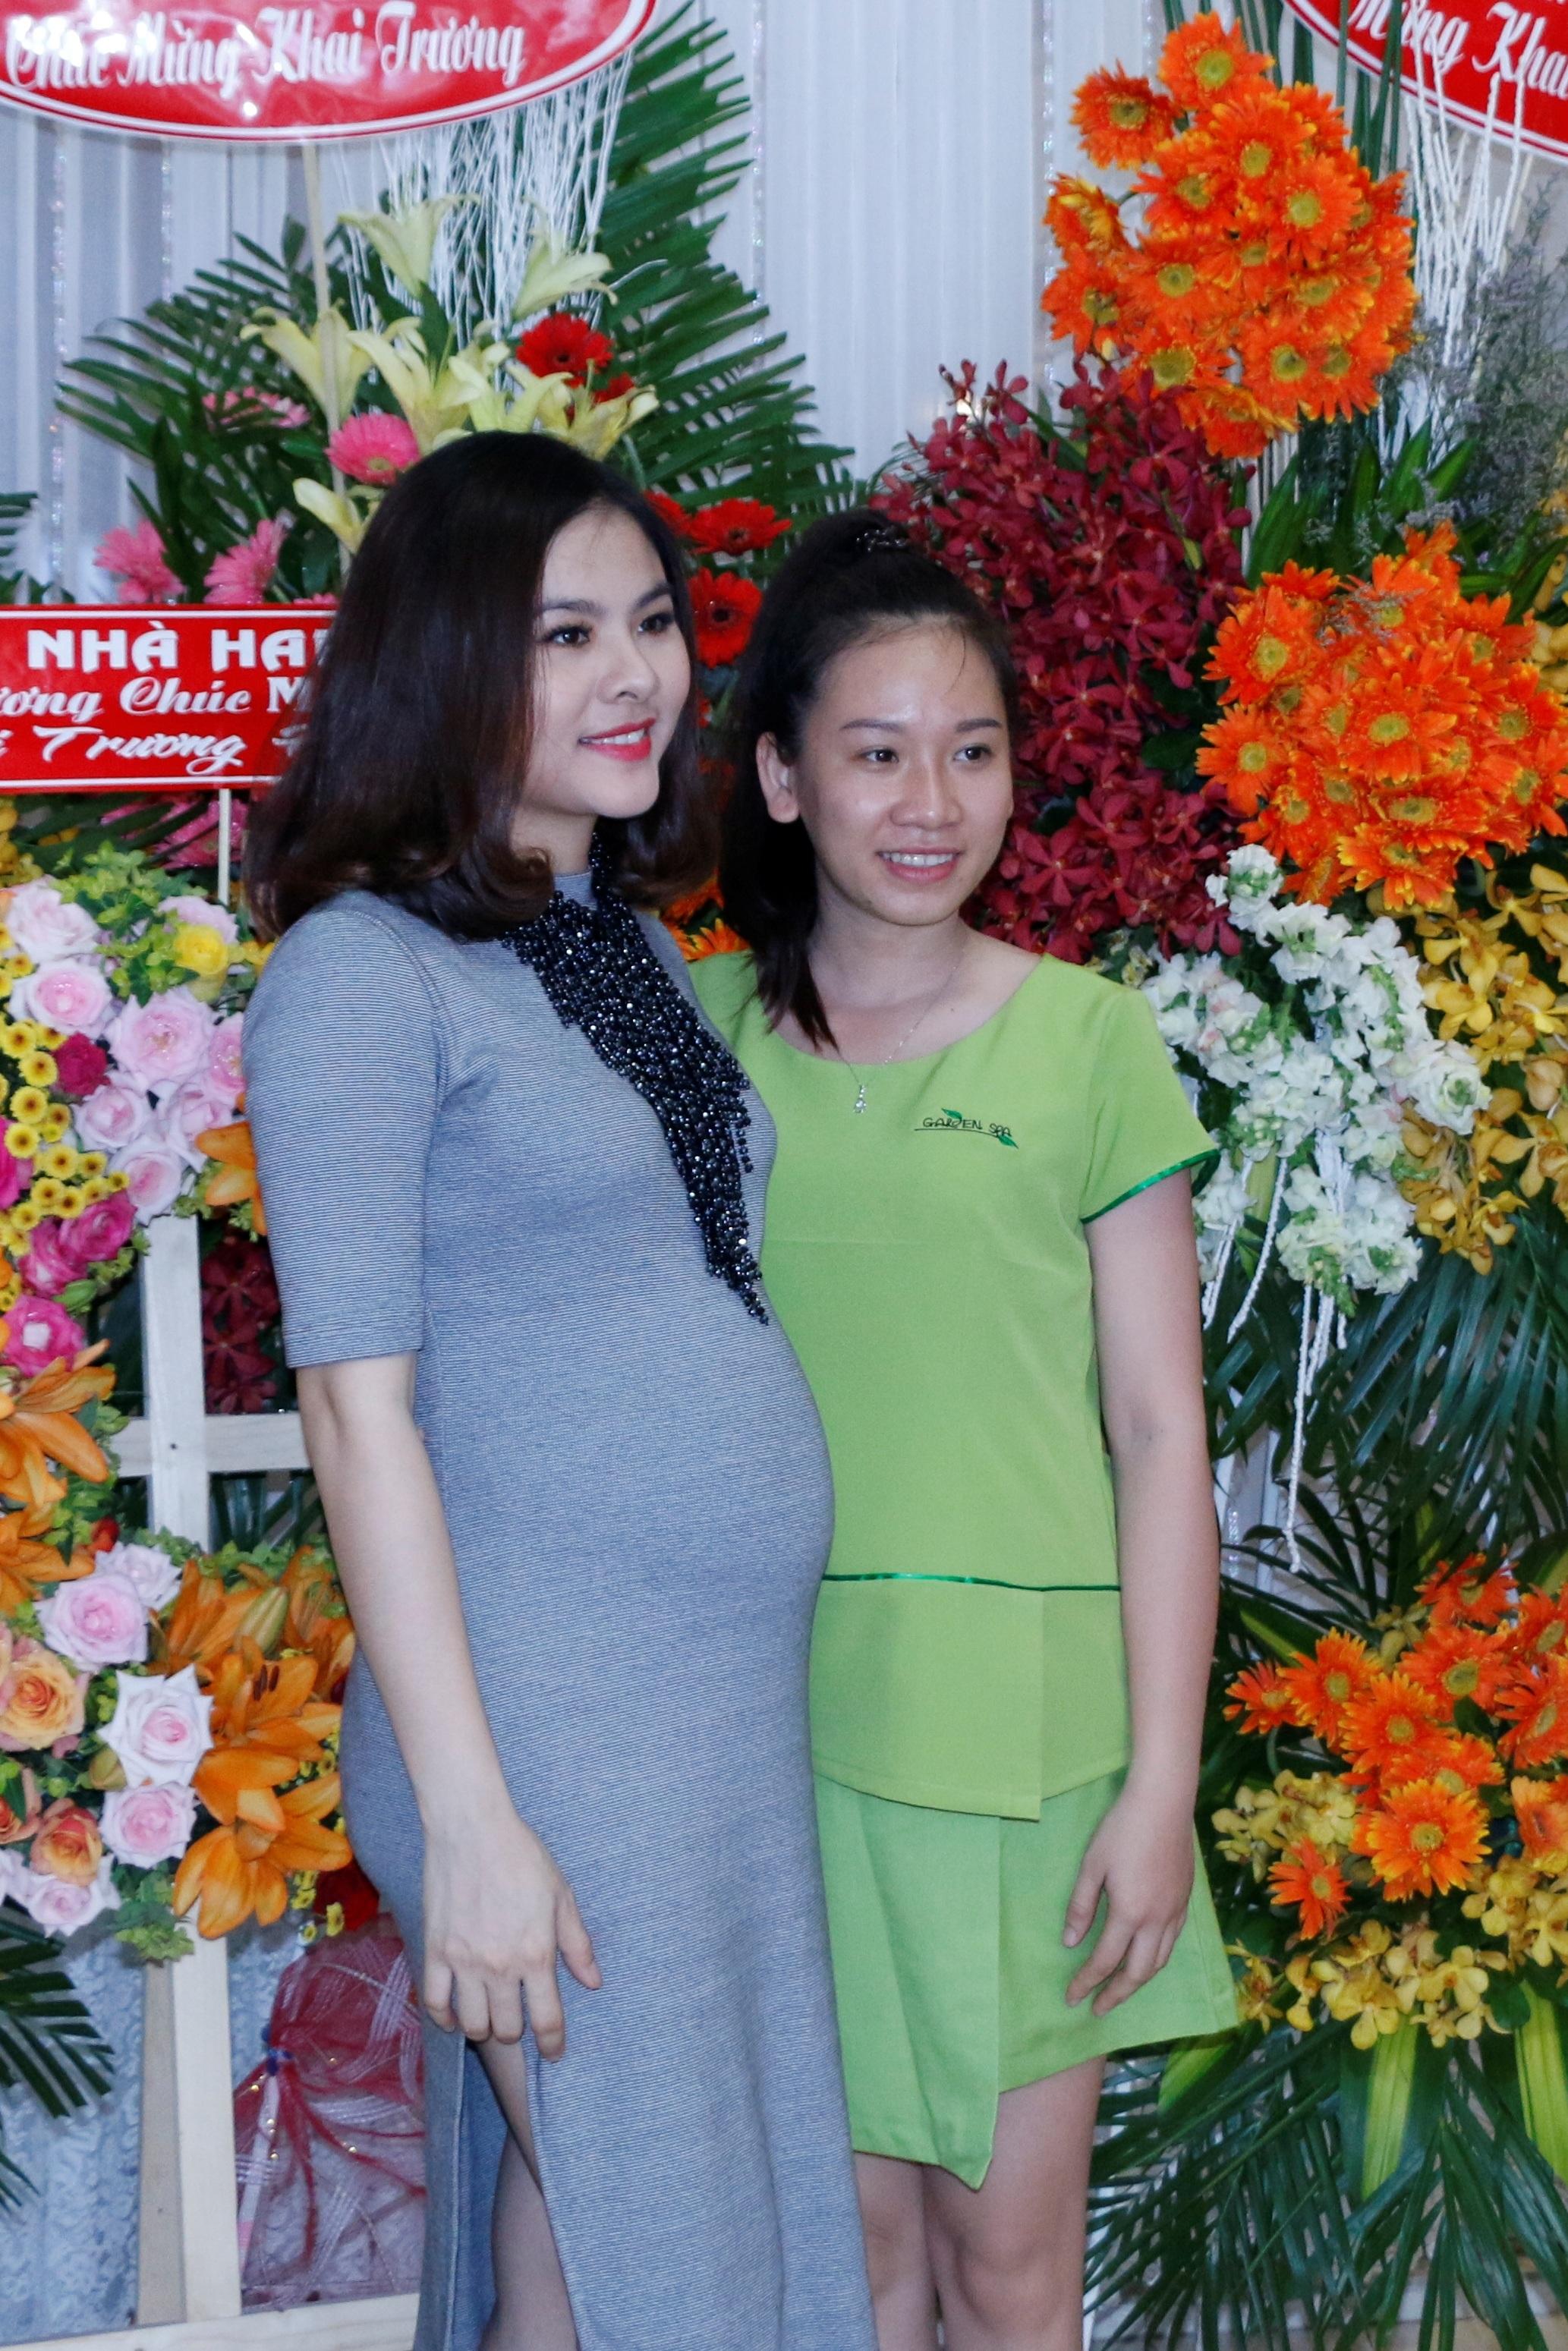 Mặc dù là bà chủ nhưng Vân Trang vô củng thân thiện với nhân viên của mình.